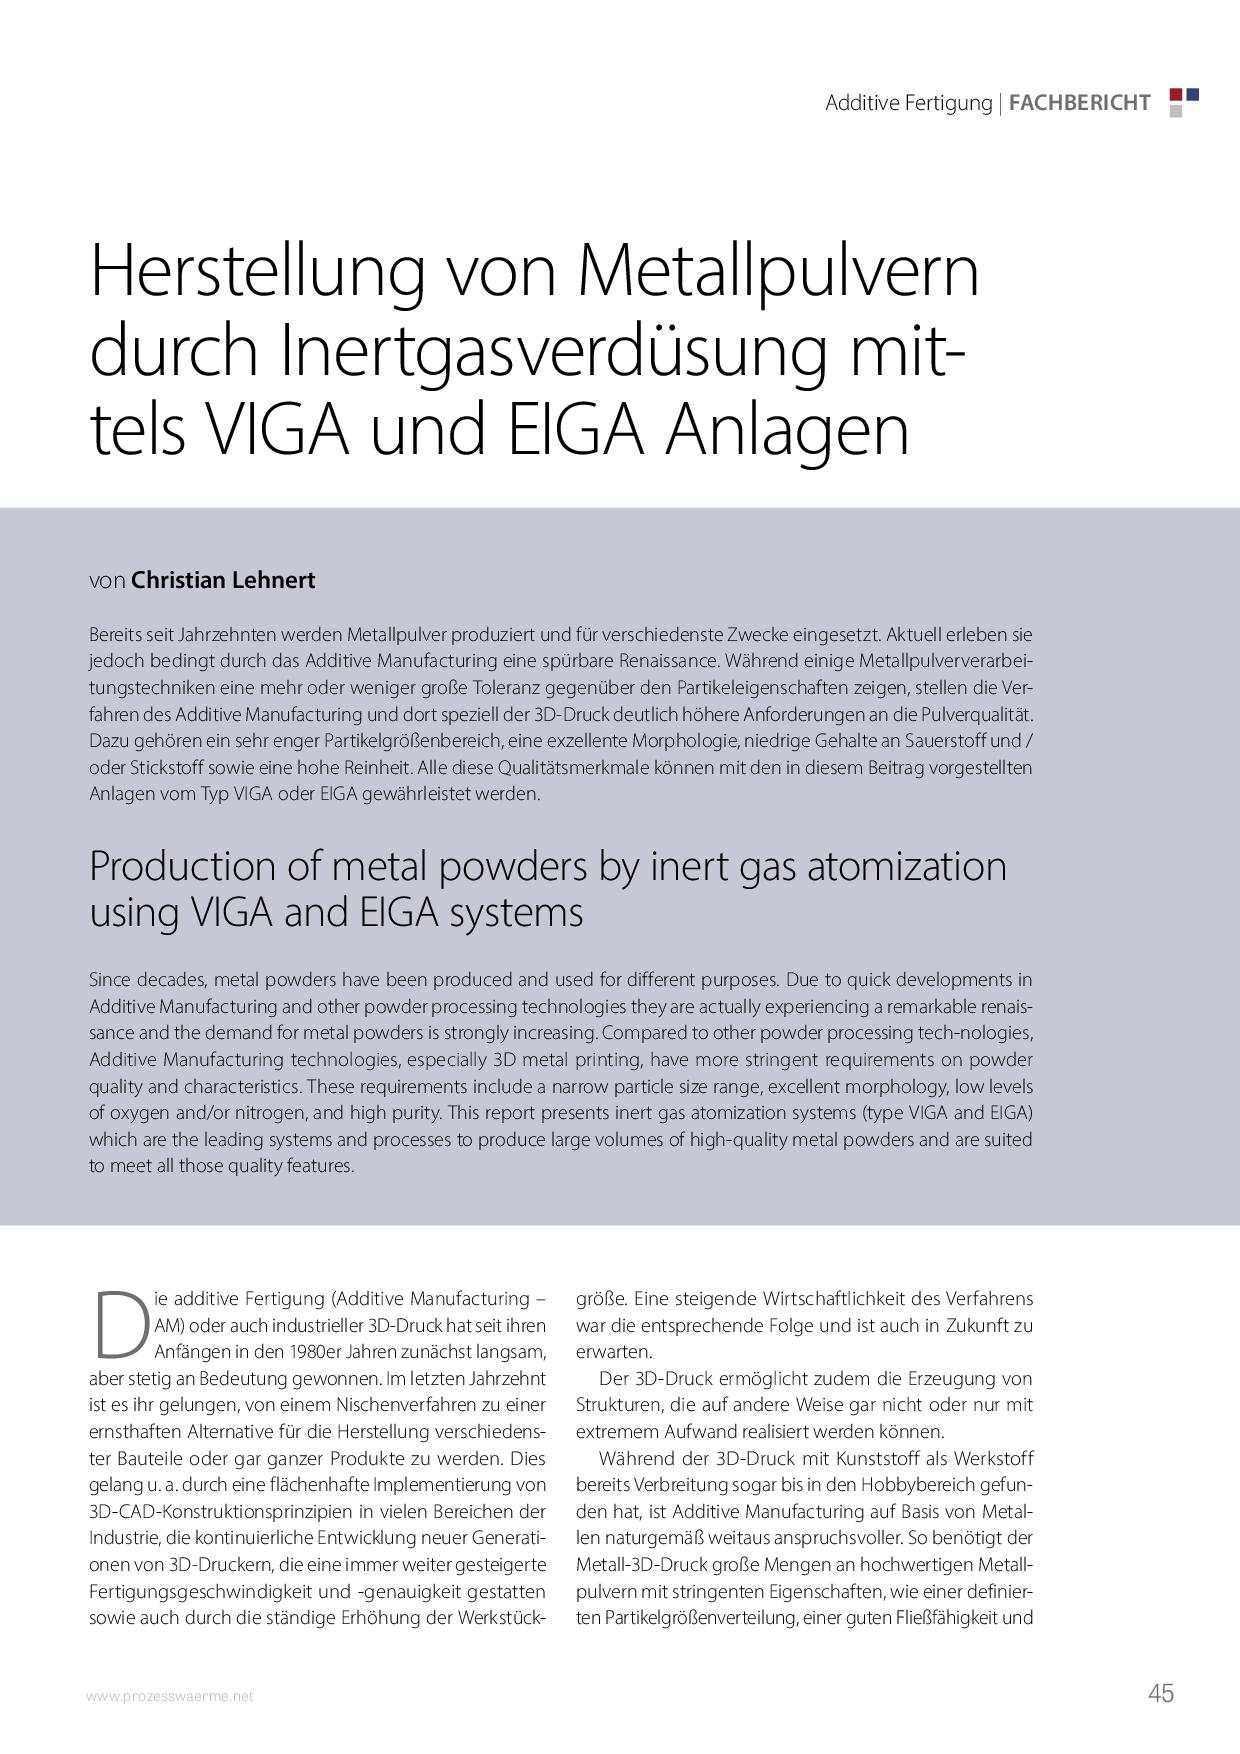 Herstellung von Metallpulvern durch Inertgasverdüsung mittels VIGA und EIGA Anlagen